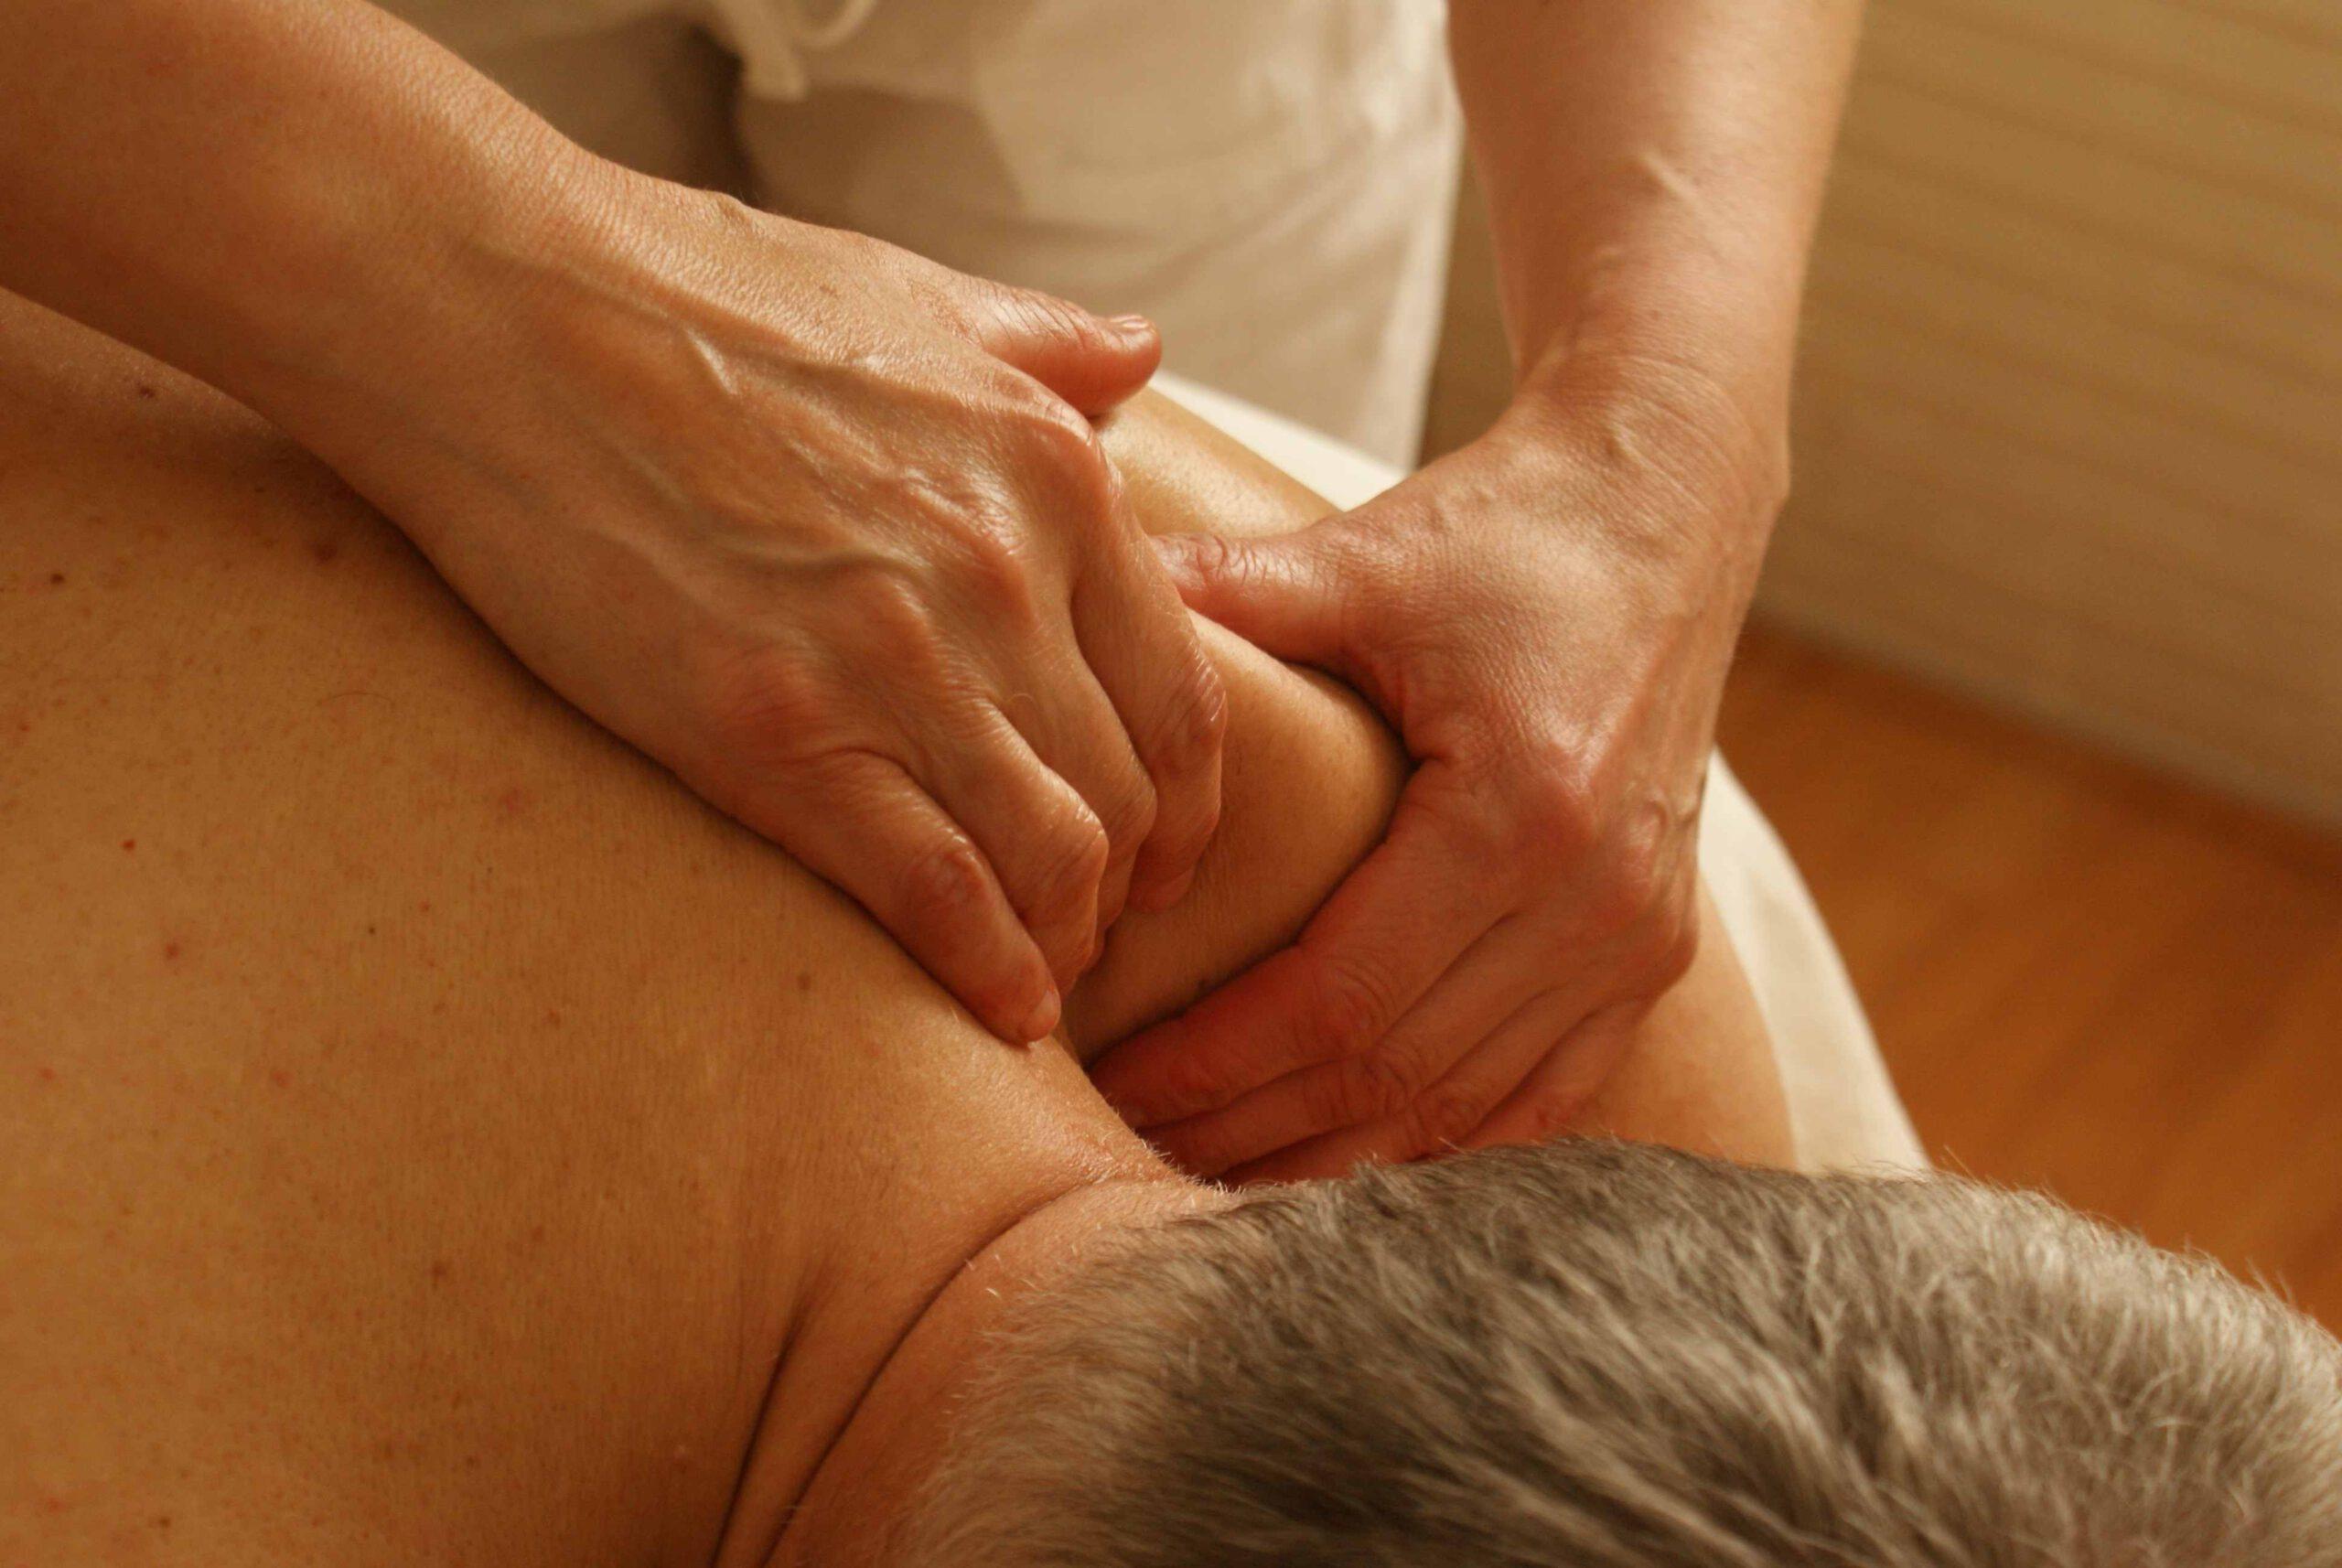 Is een massage gezond?